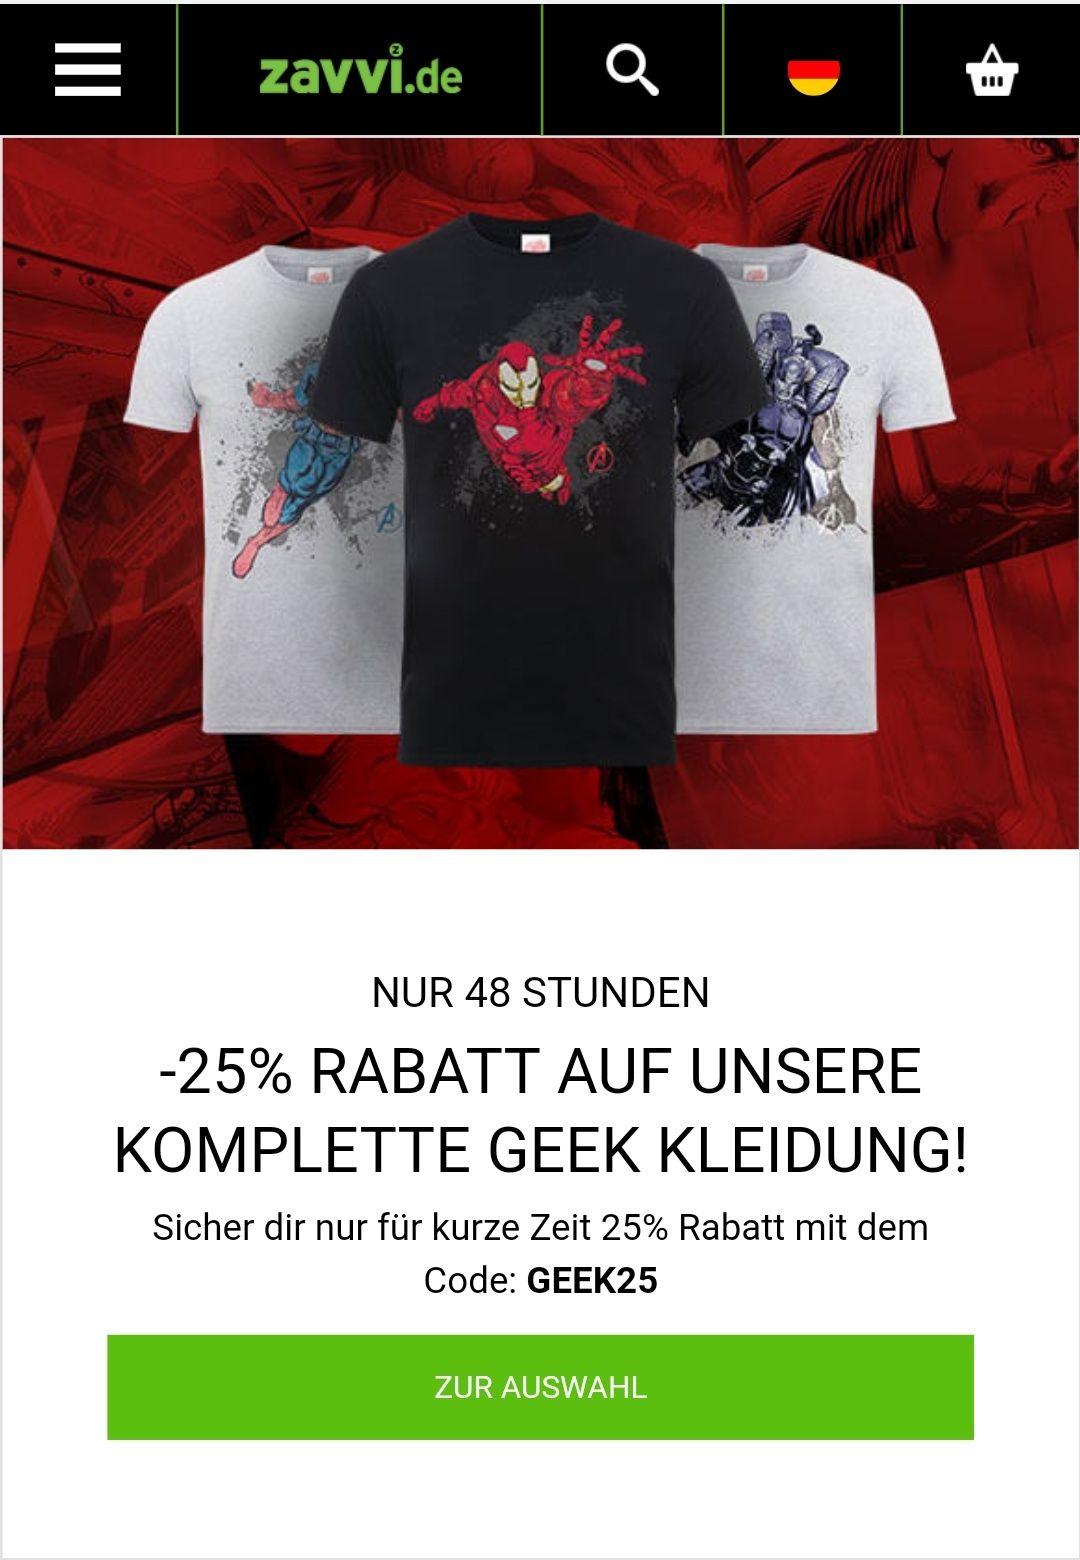 |- 25%|  auf die komplette Geek Kleidung bei Zavvi.de